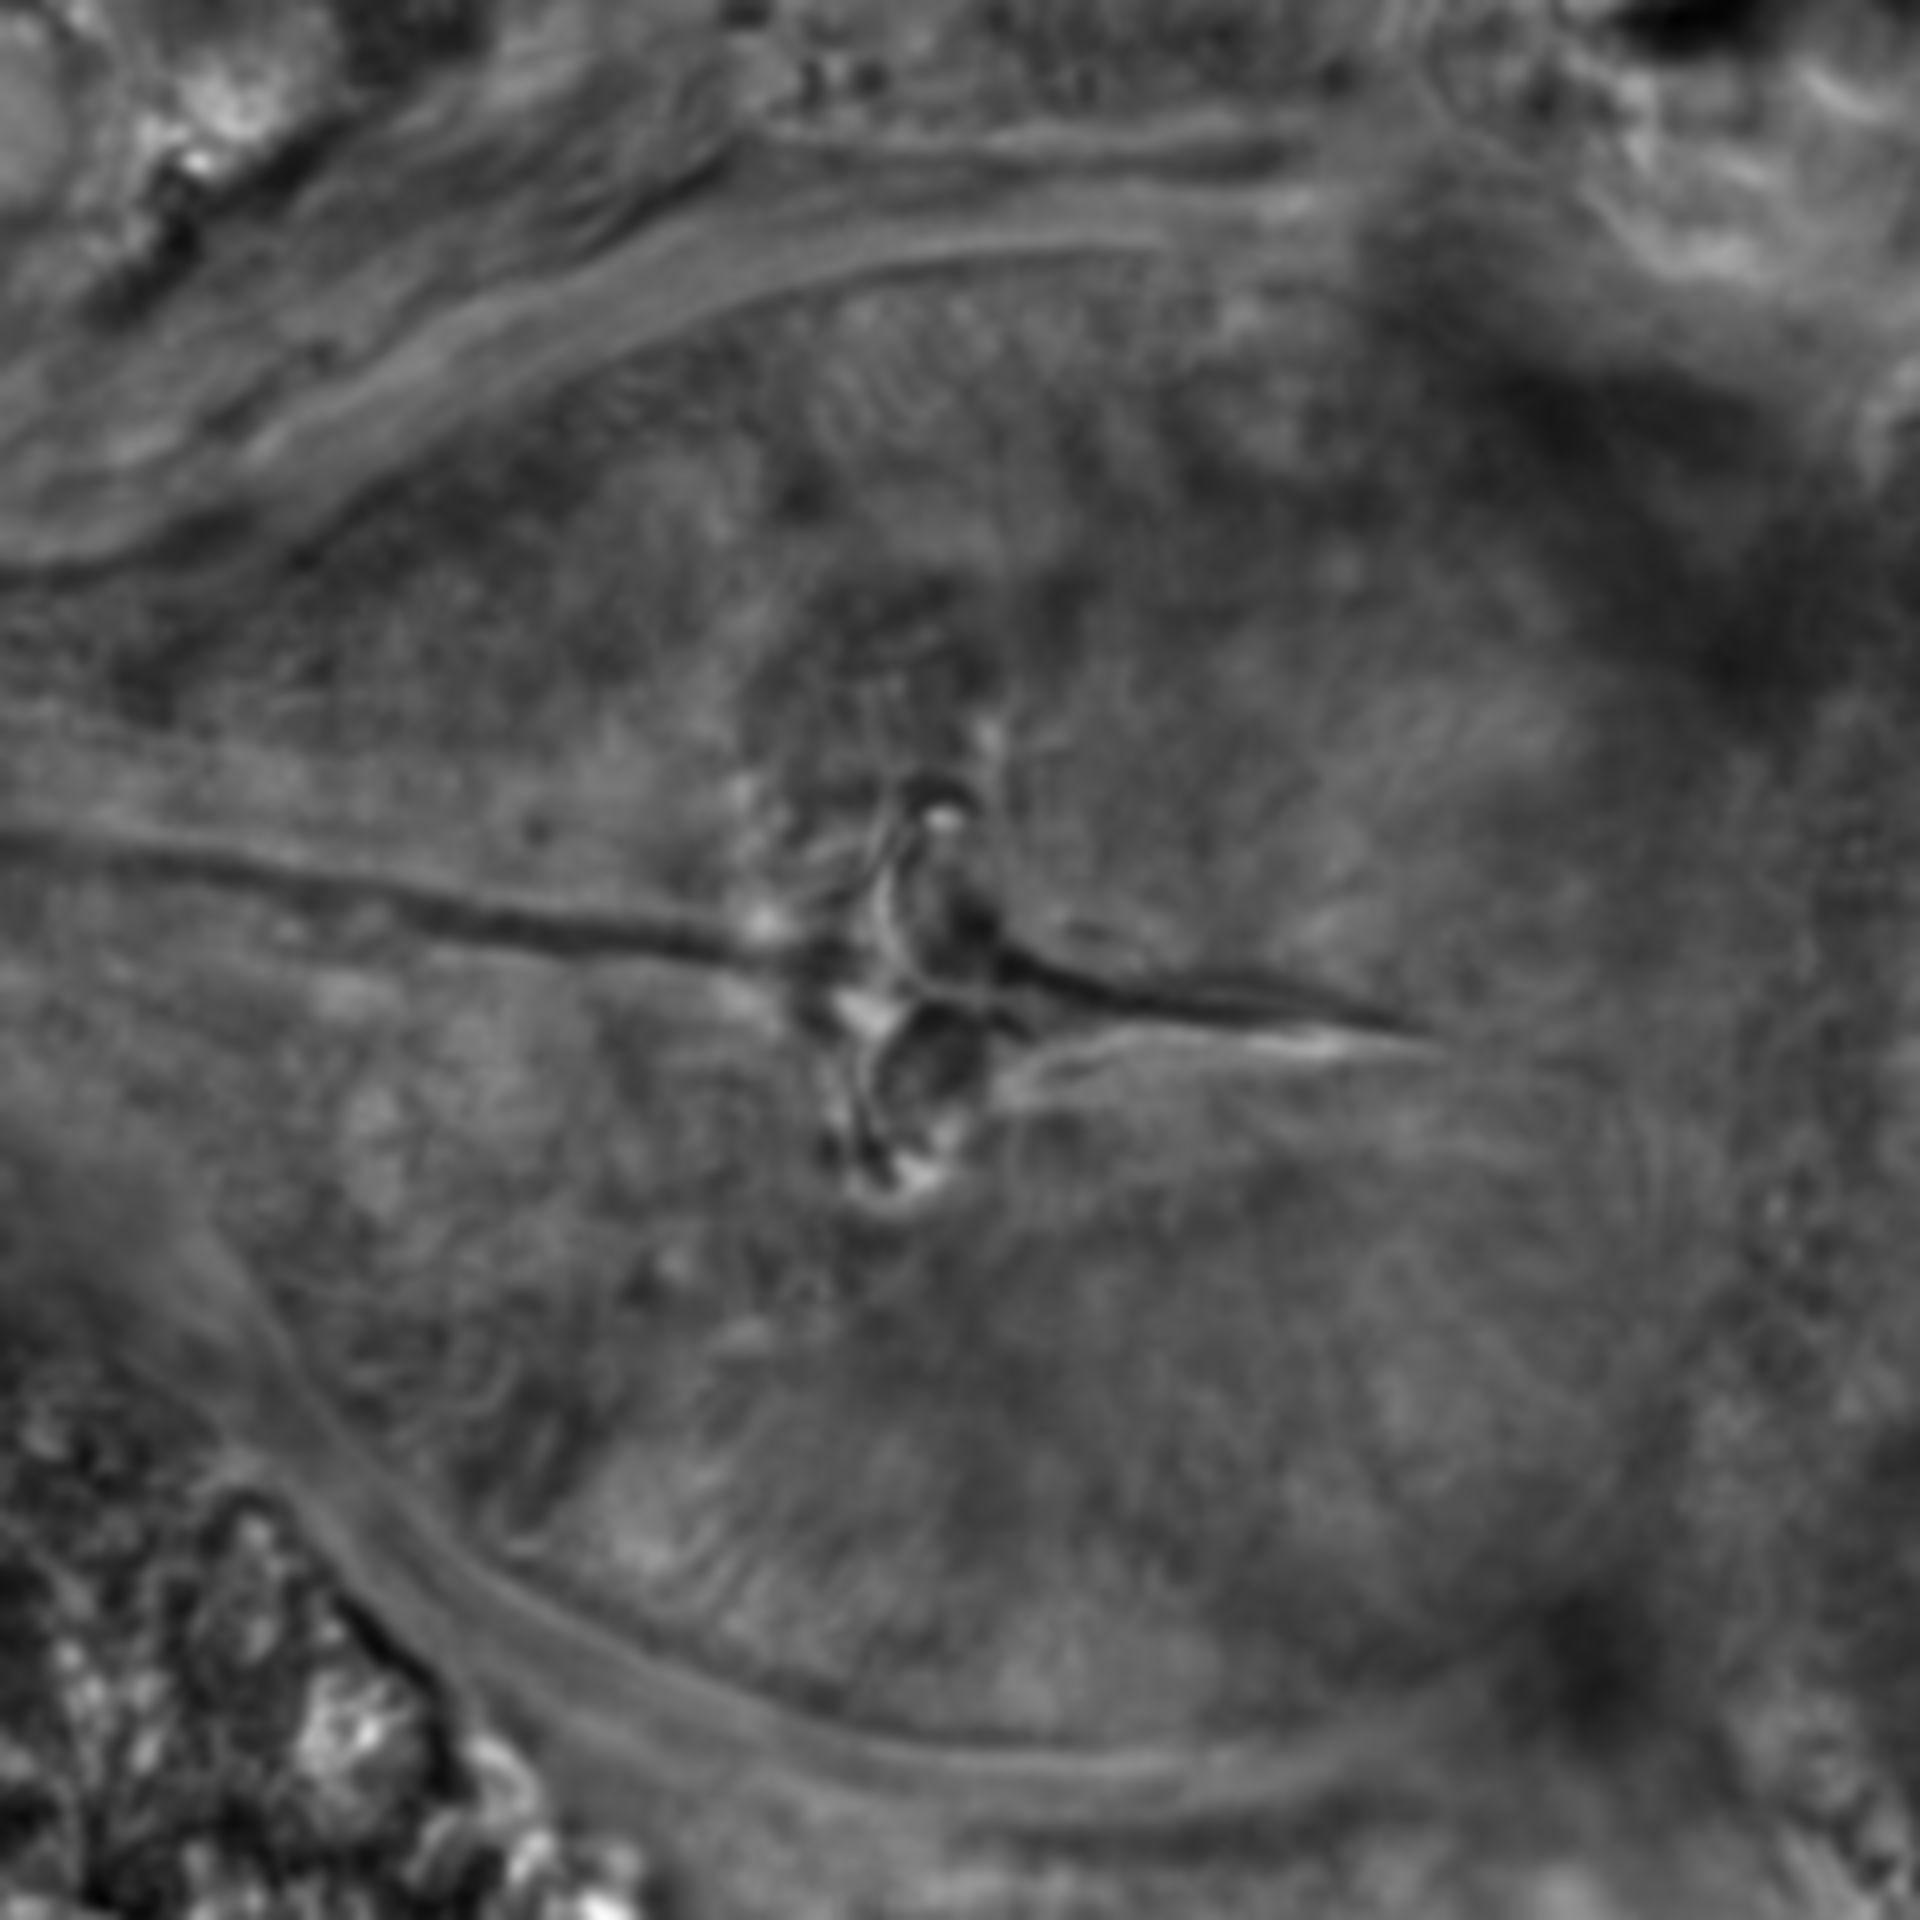 Caenorhabditis elegans - CIL:2154